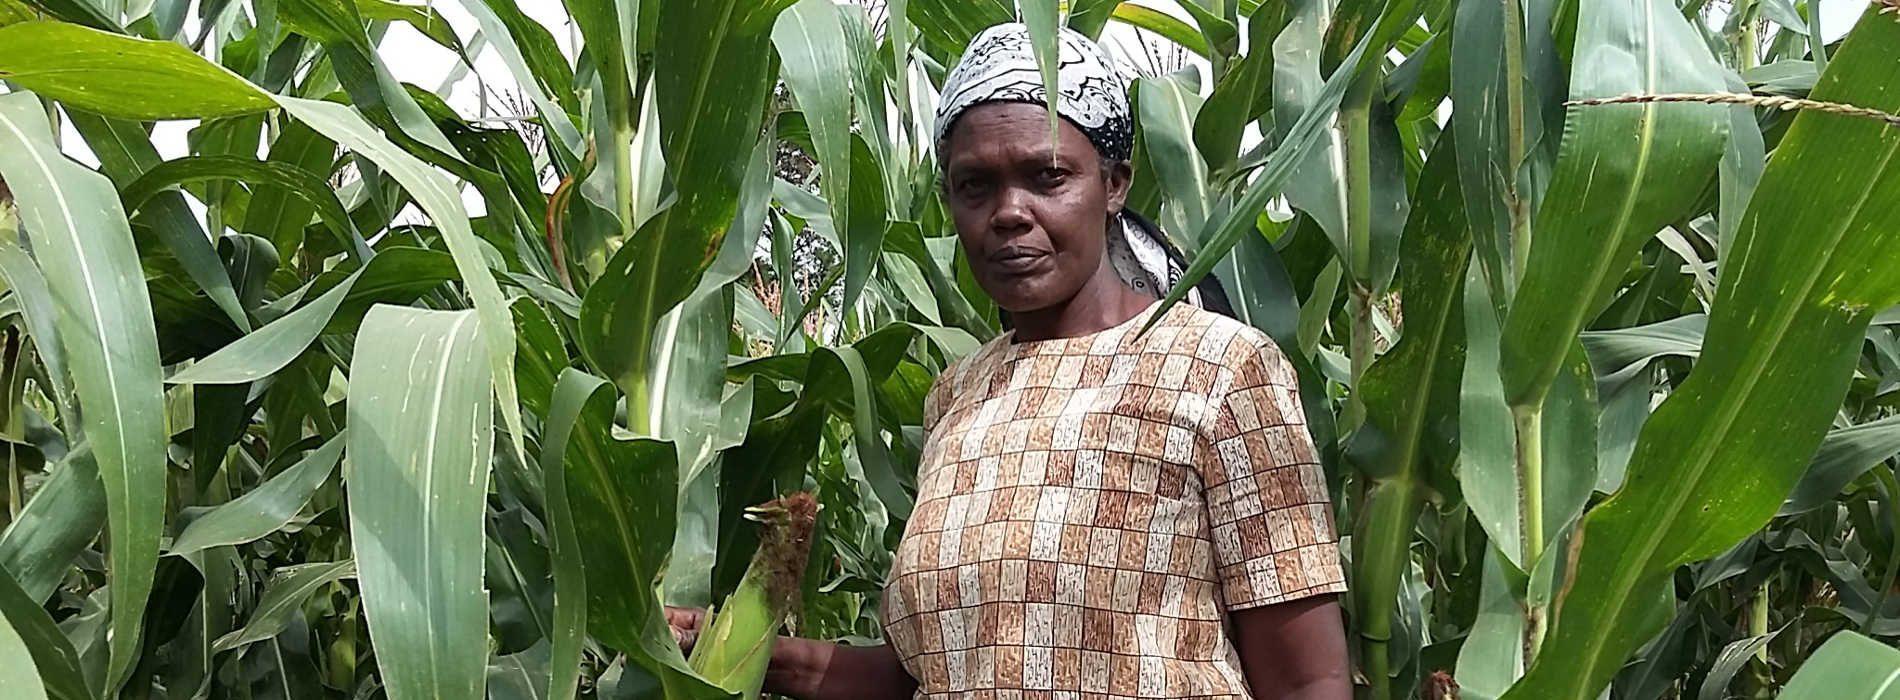 FRA seeks 220,000 tonnes of maize